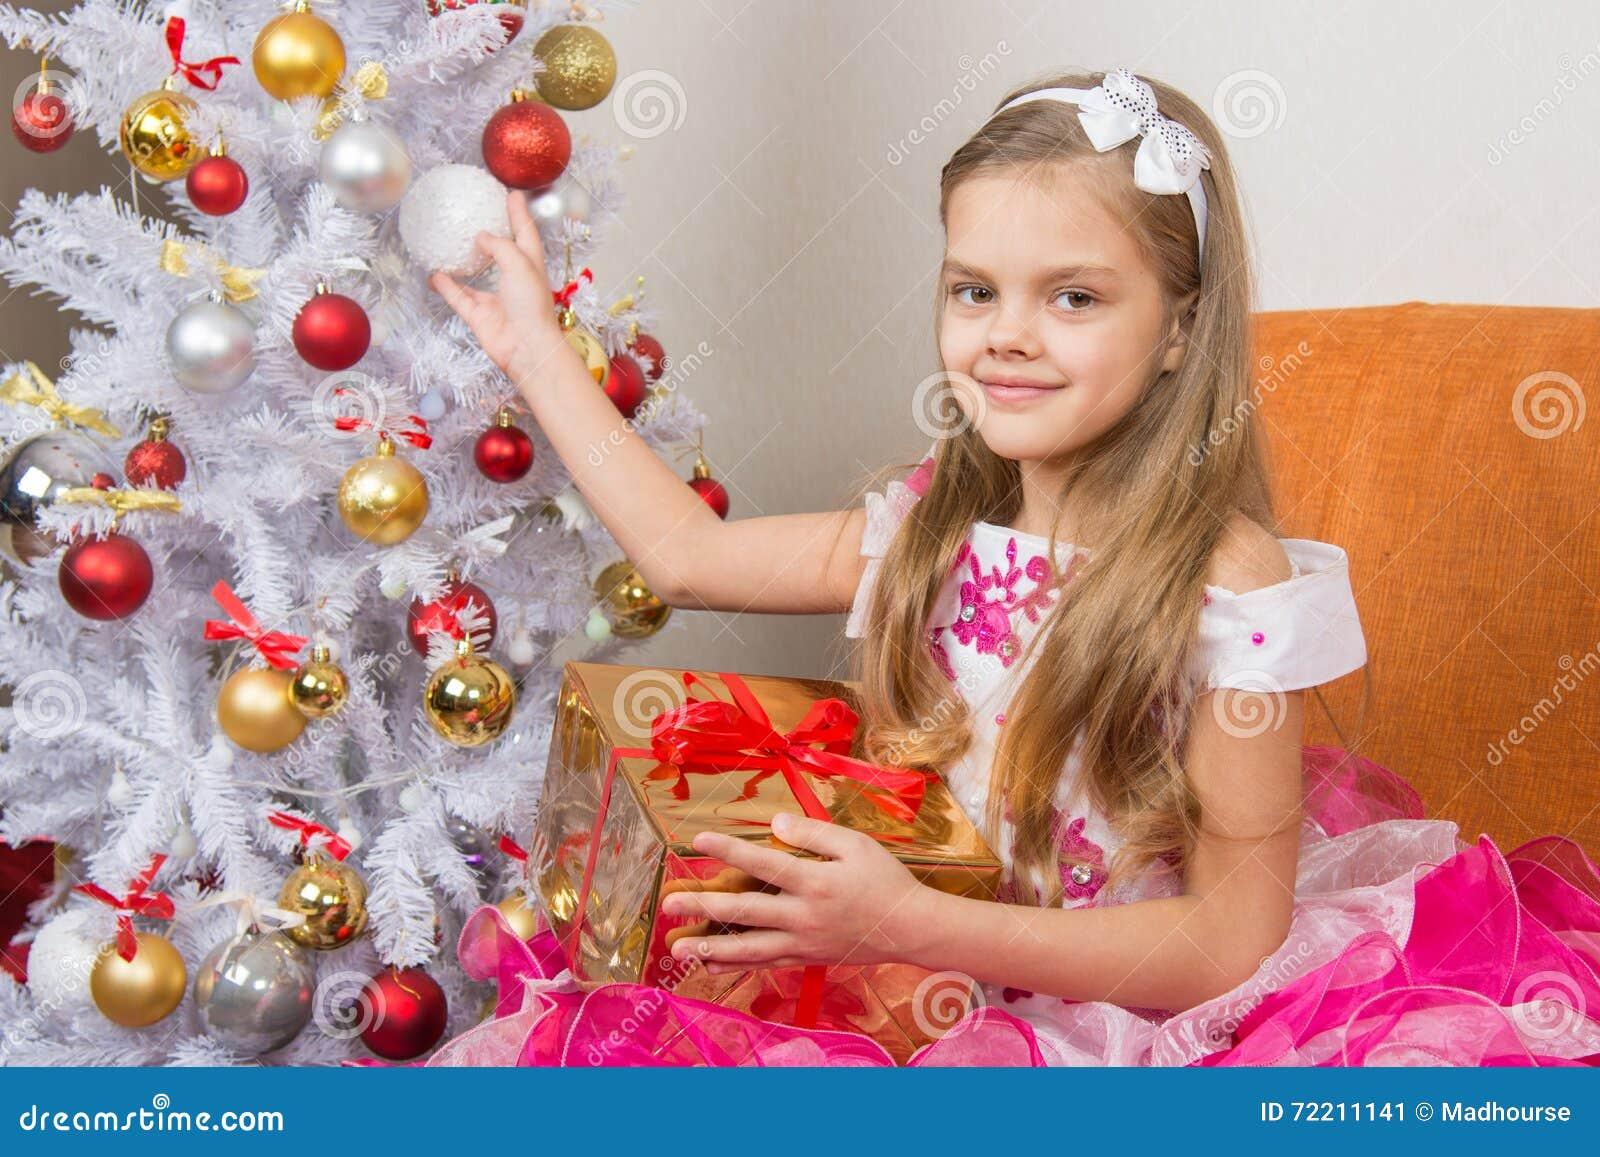 La muchacha de siete años en vestido hermoso se sienta con un regalo y sostener una bola de la Navidad en manos